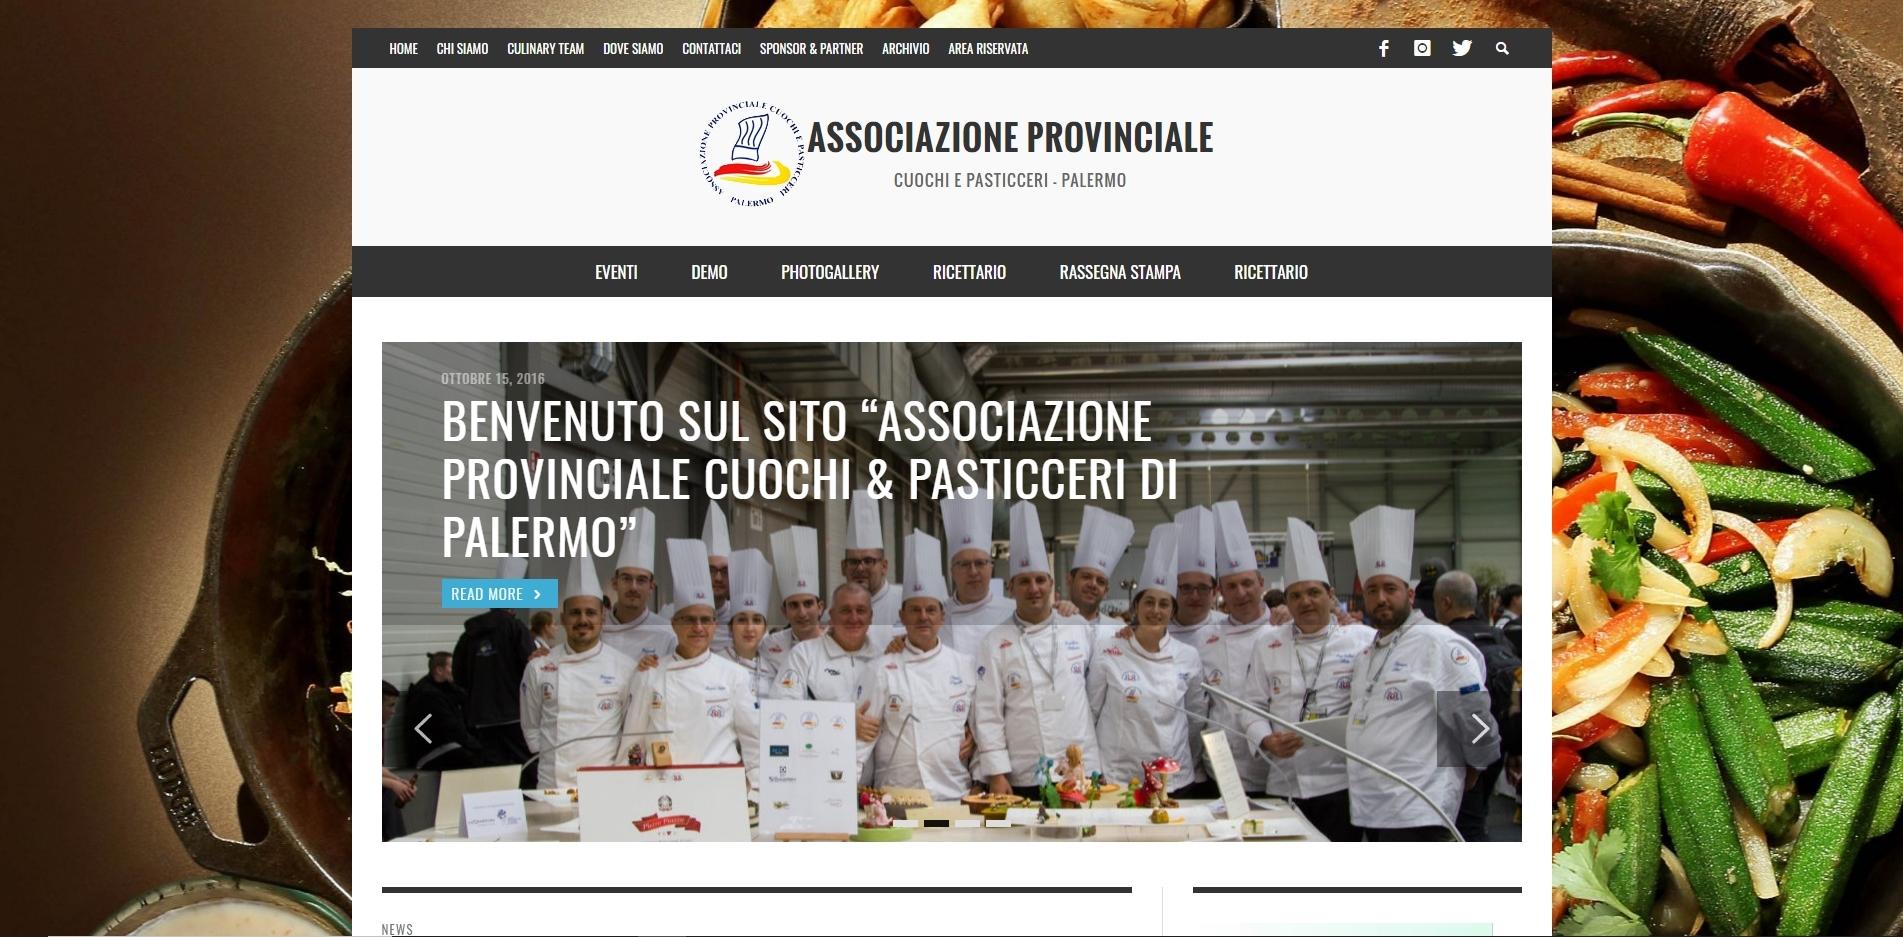 Associazione Provinciale Cuochi e Pasticceri di Palermo